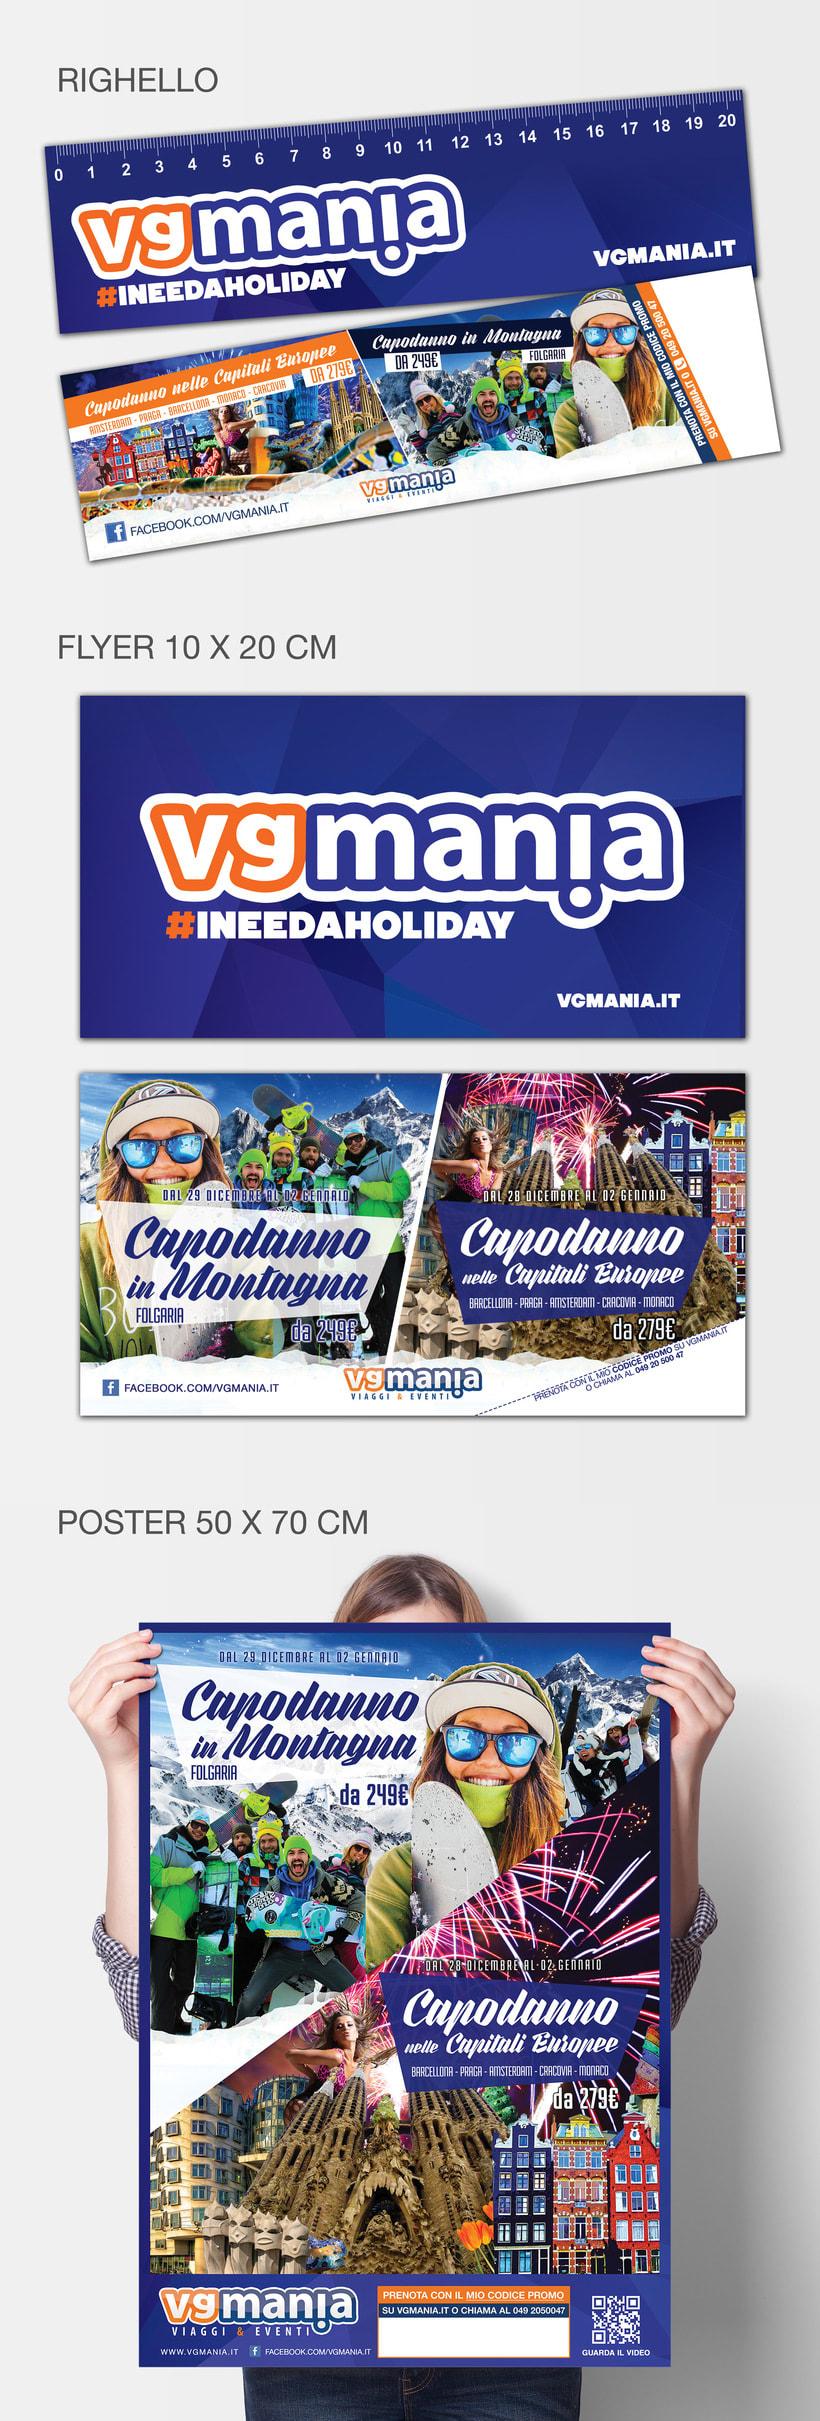 Comunicazione Winter 2015 - VGMANIA 1